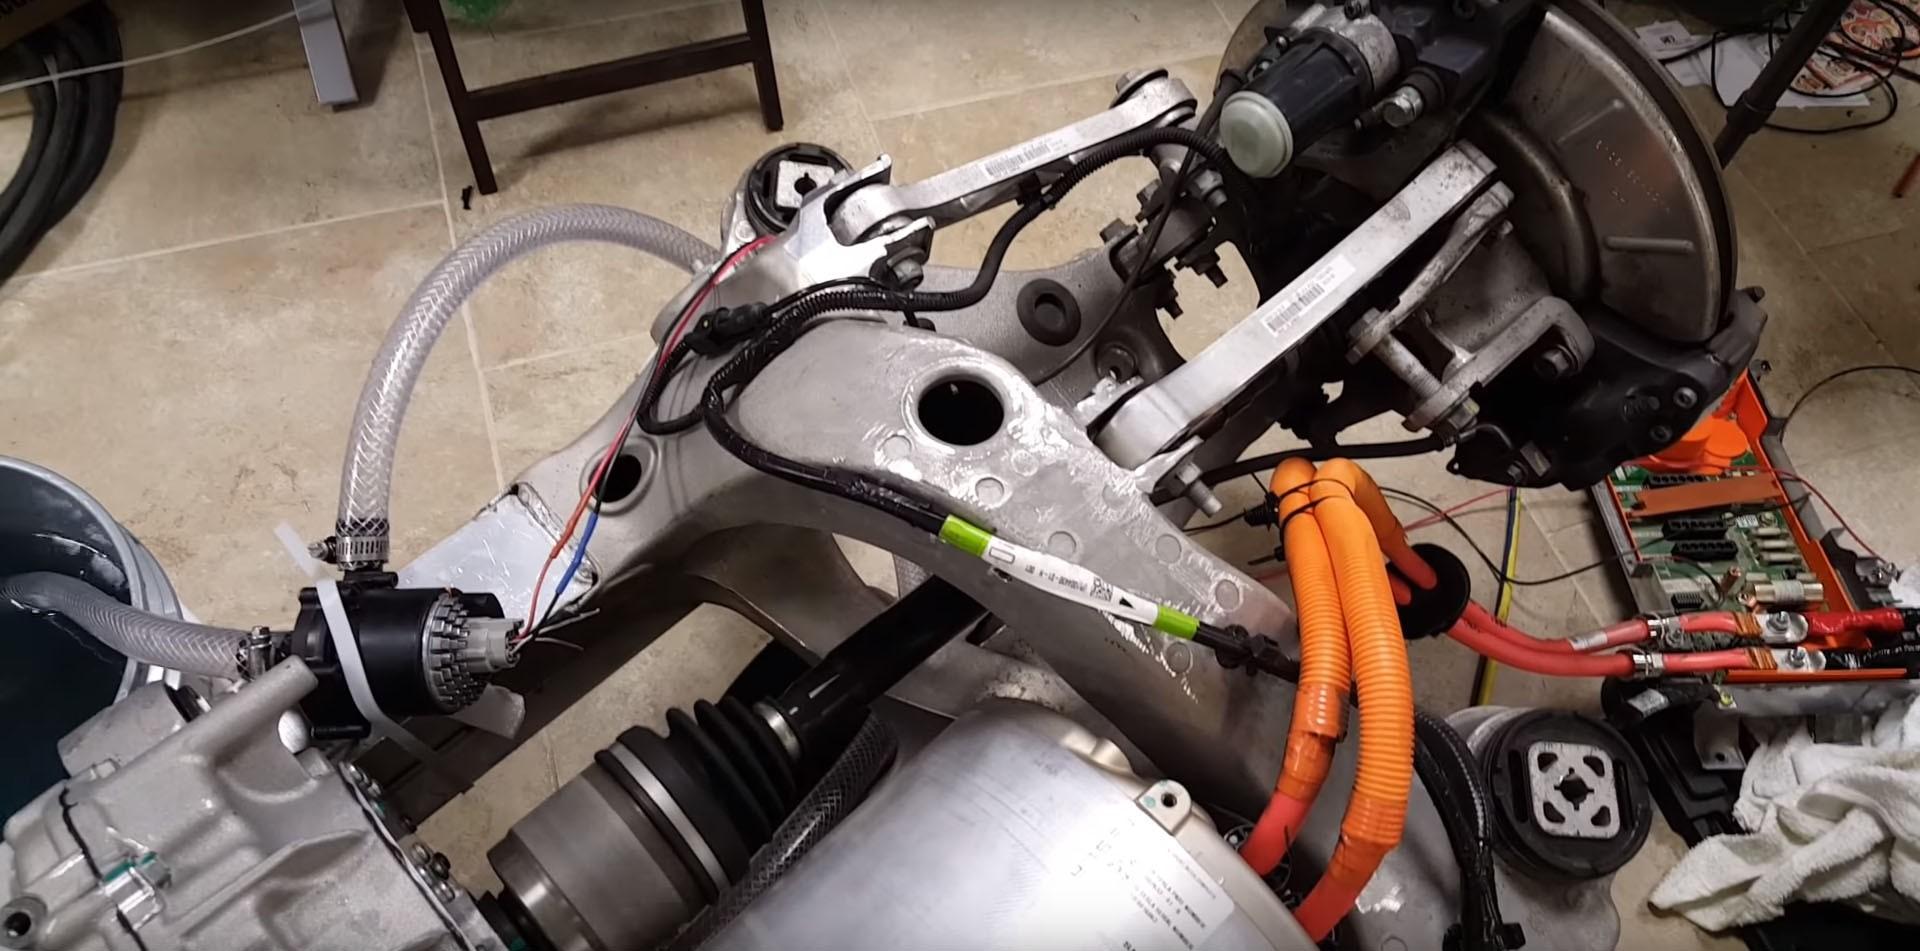 美发烧友欲自制1000马力电动车 基于特斯拉部件-最新新车资讯-微创资讯网